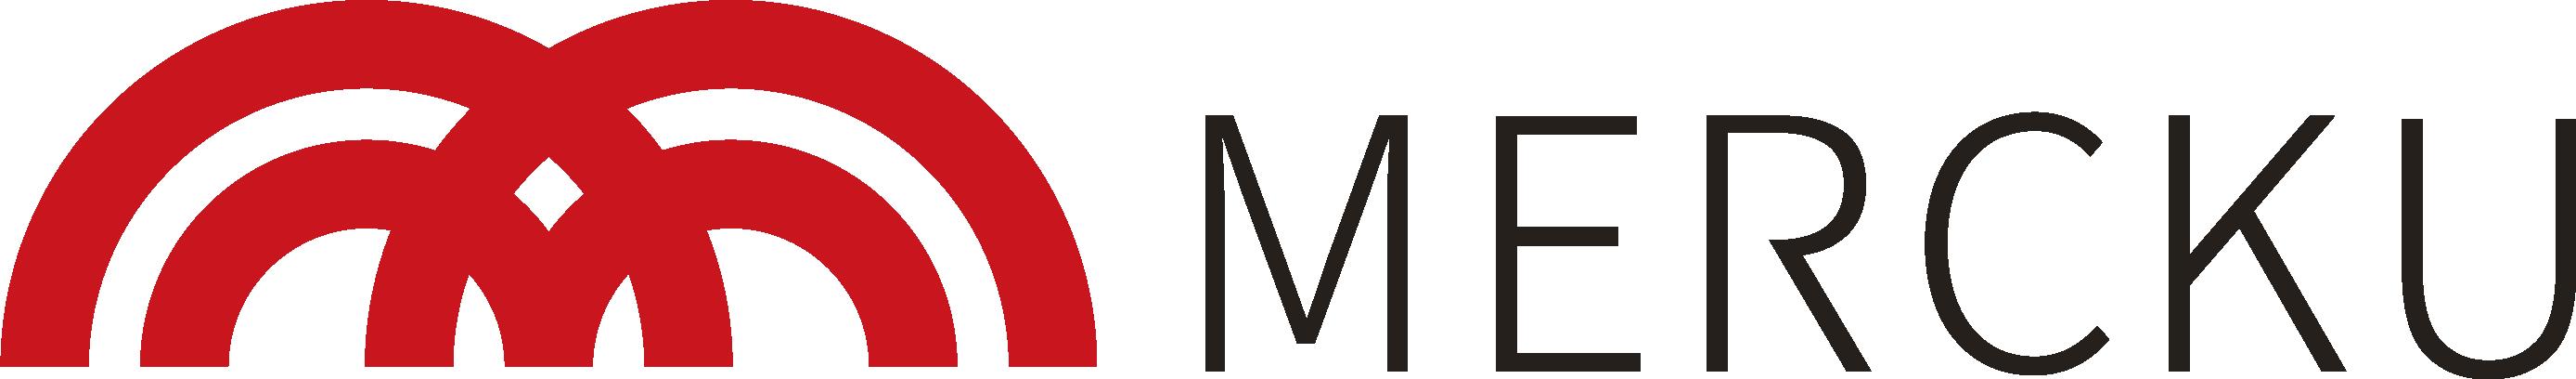 Mercku